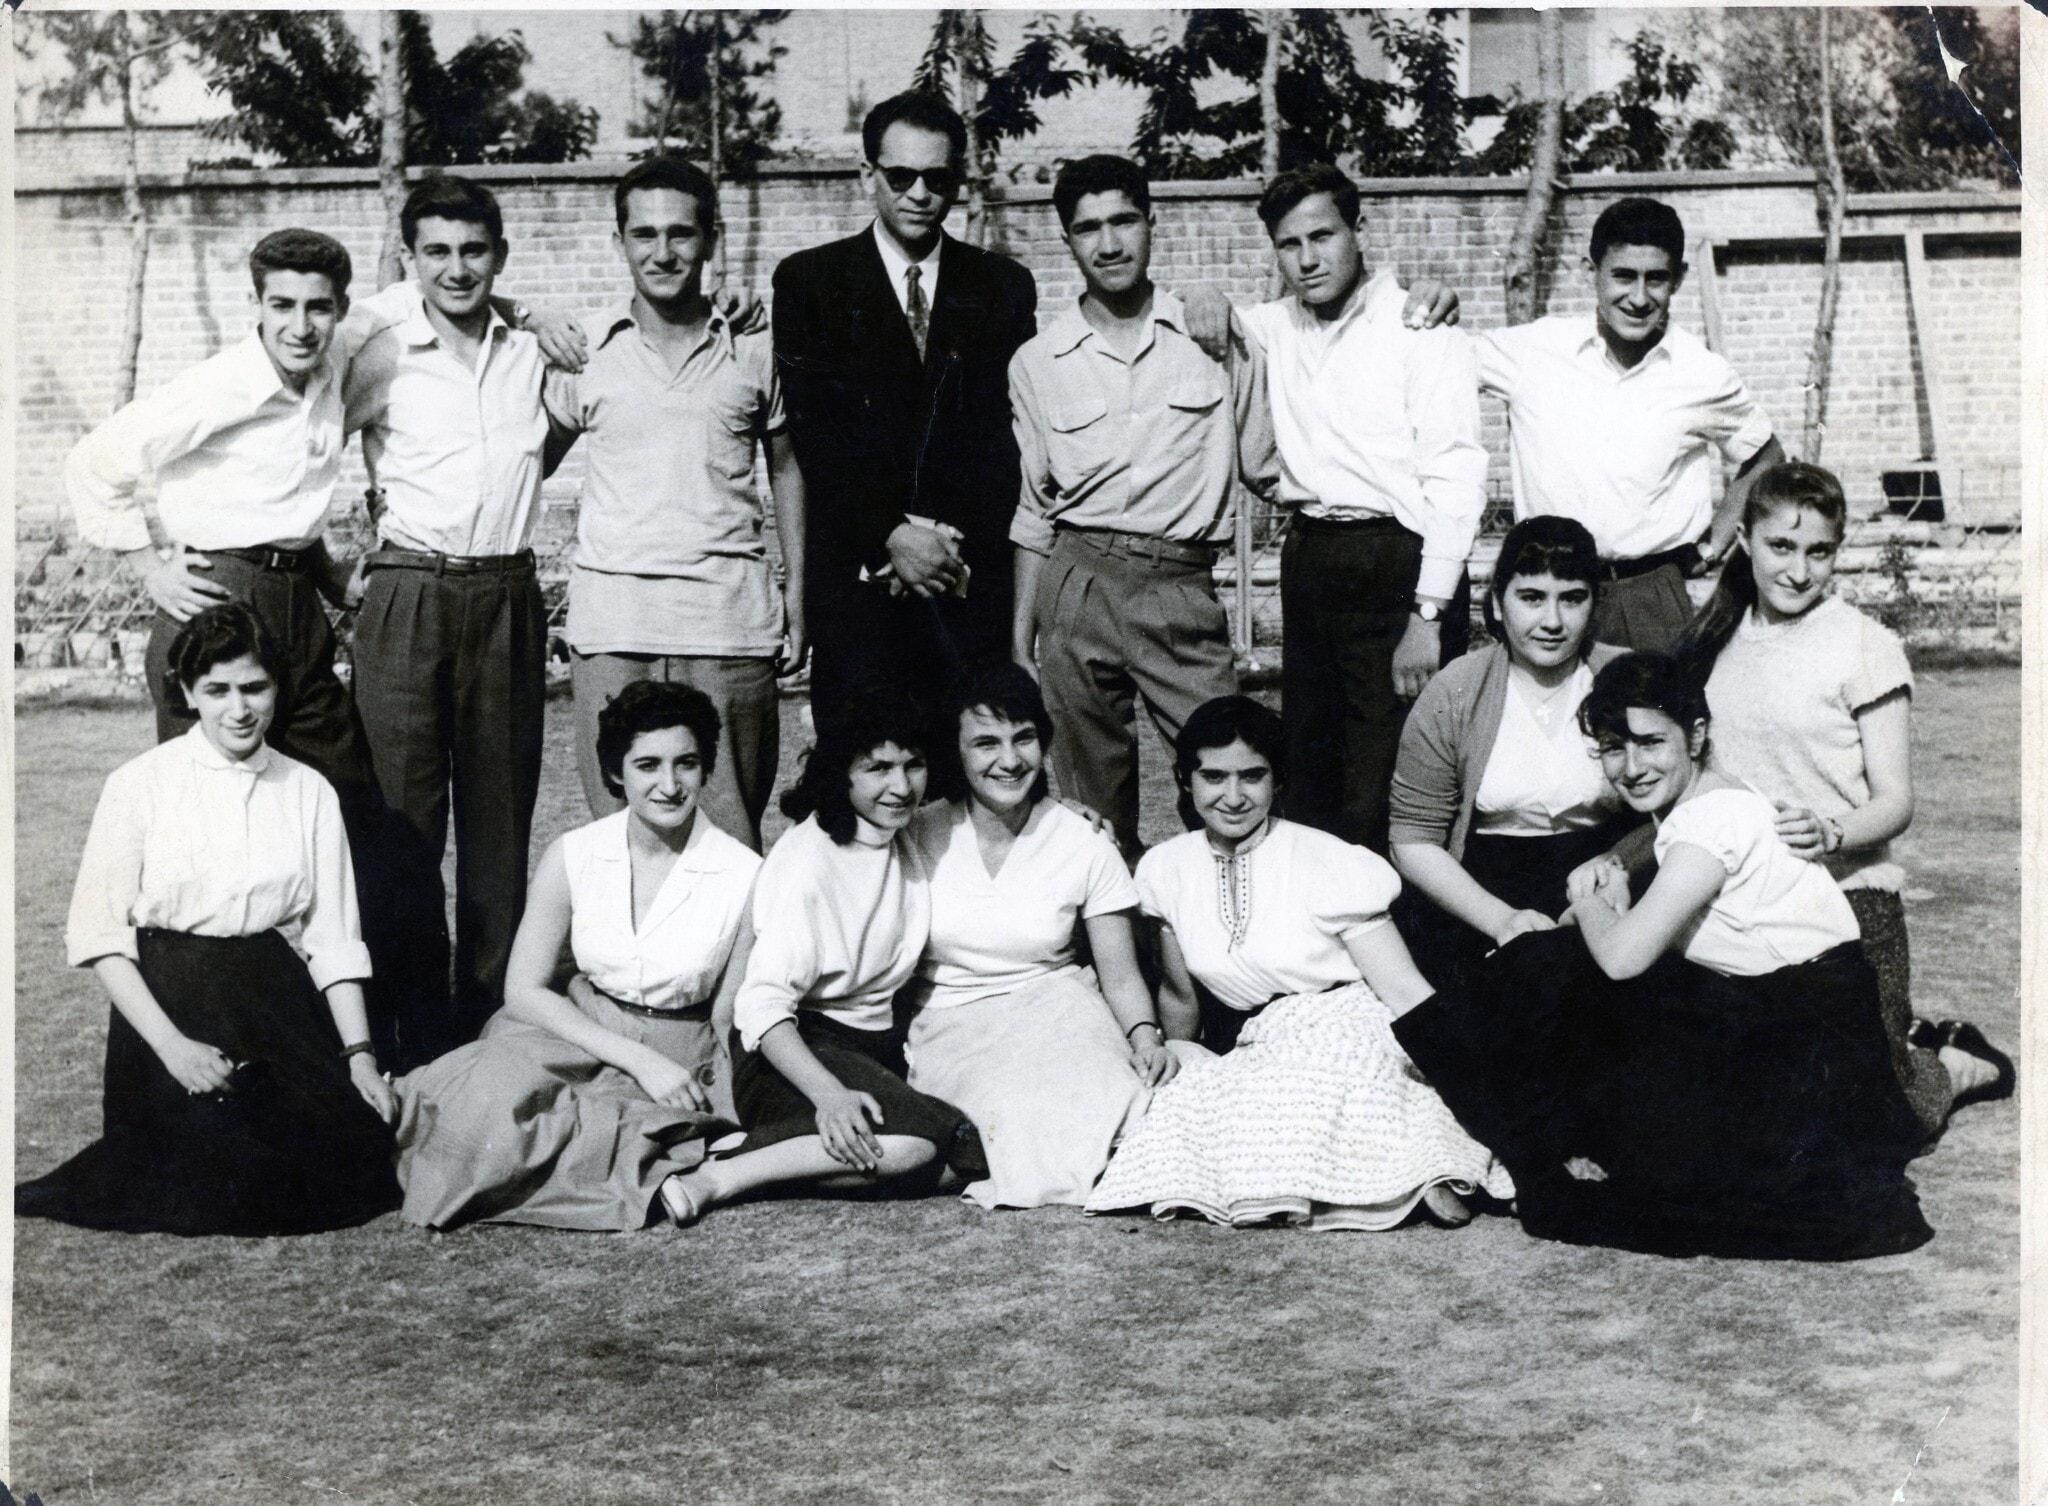 בית הספר היהודי בטהרן, שם למד אביה של ג'לין סאפר, ב-1956